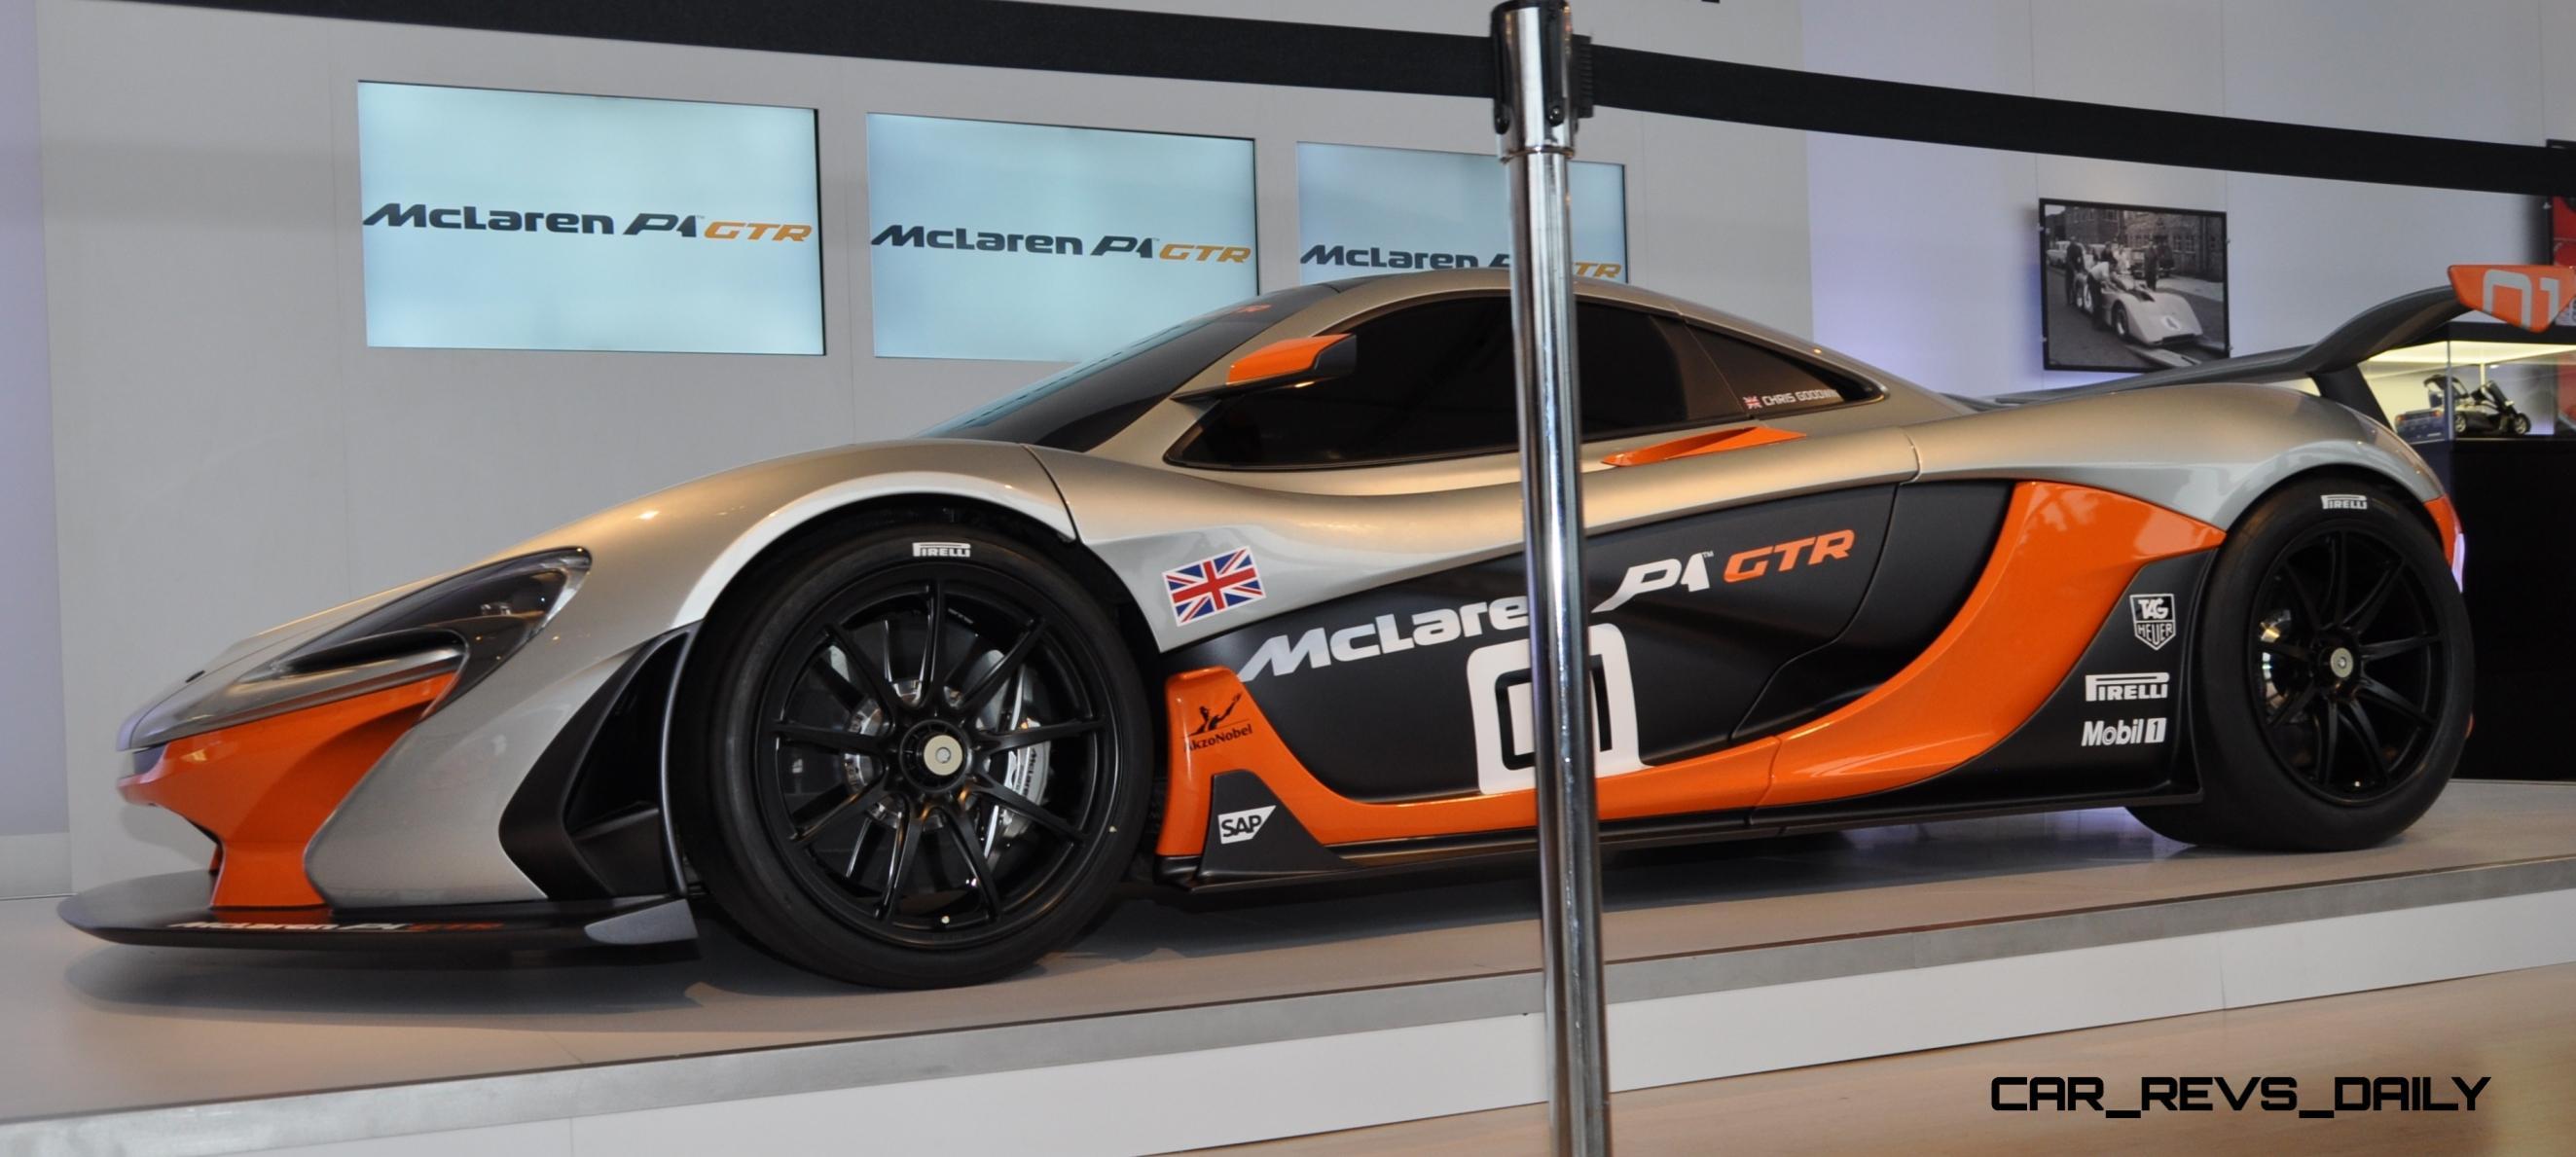 2015 McLaren P1 GTR - Pebble Beach World Debut in 55 High-Res Photos 40